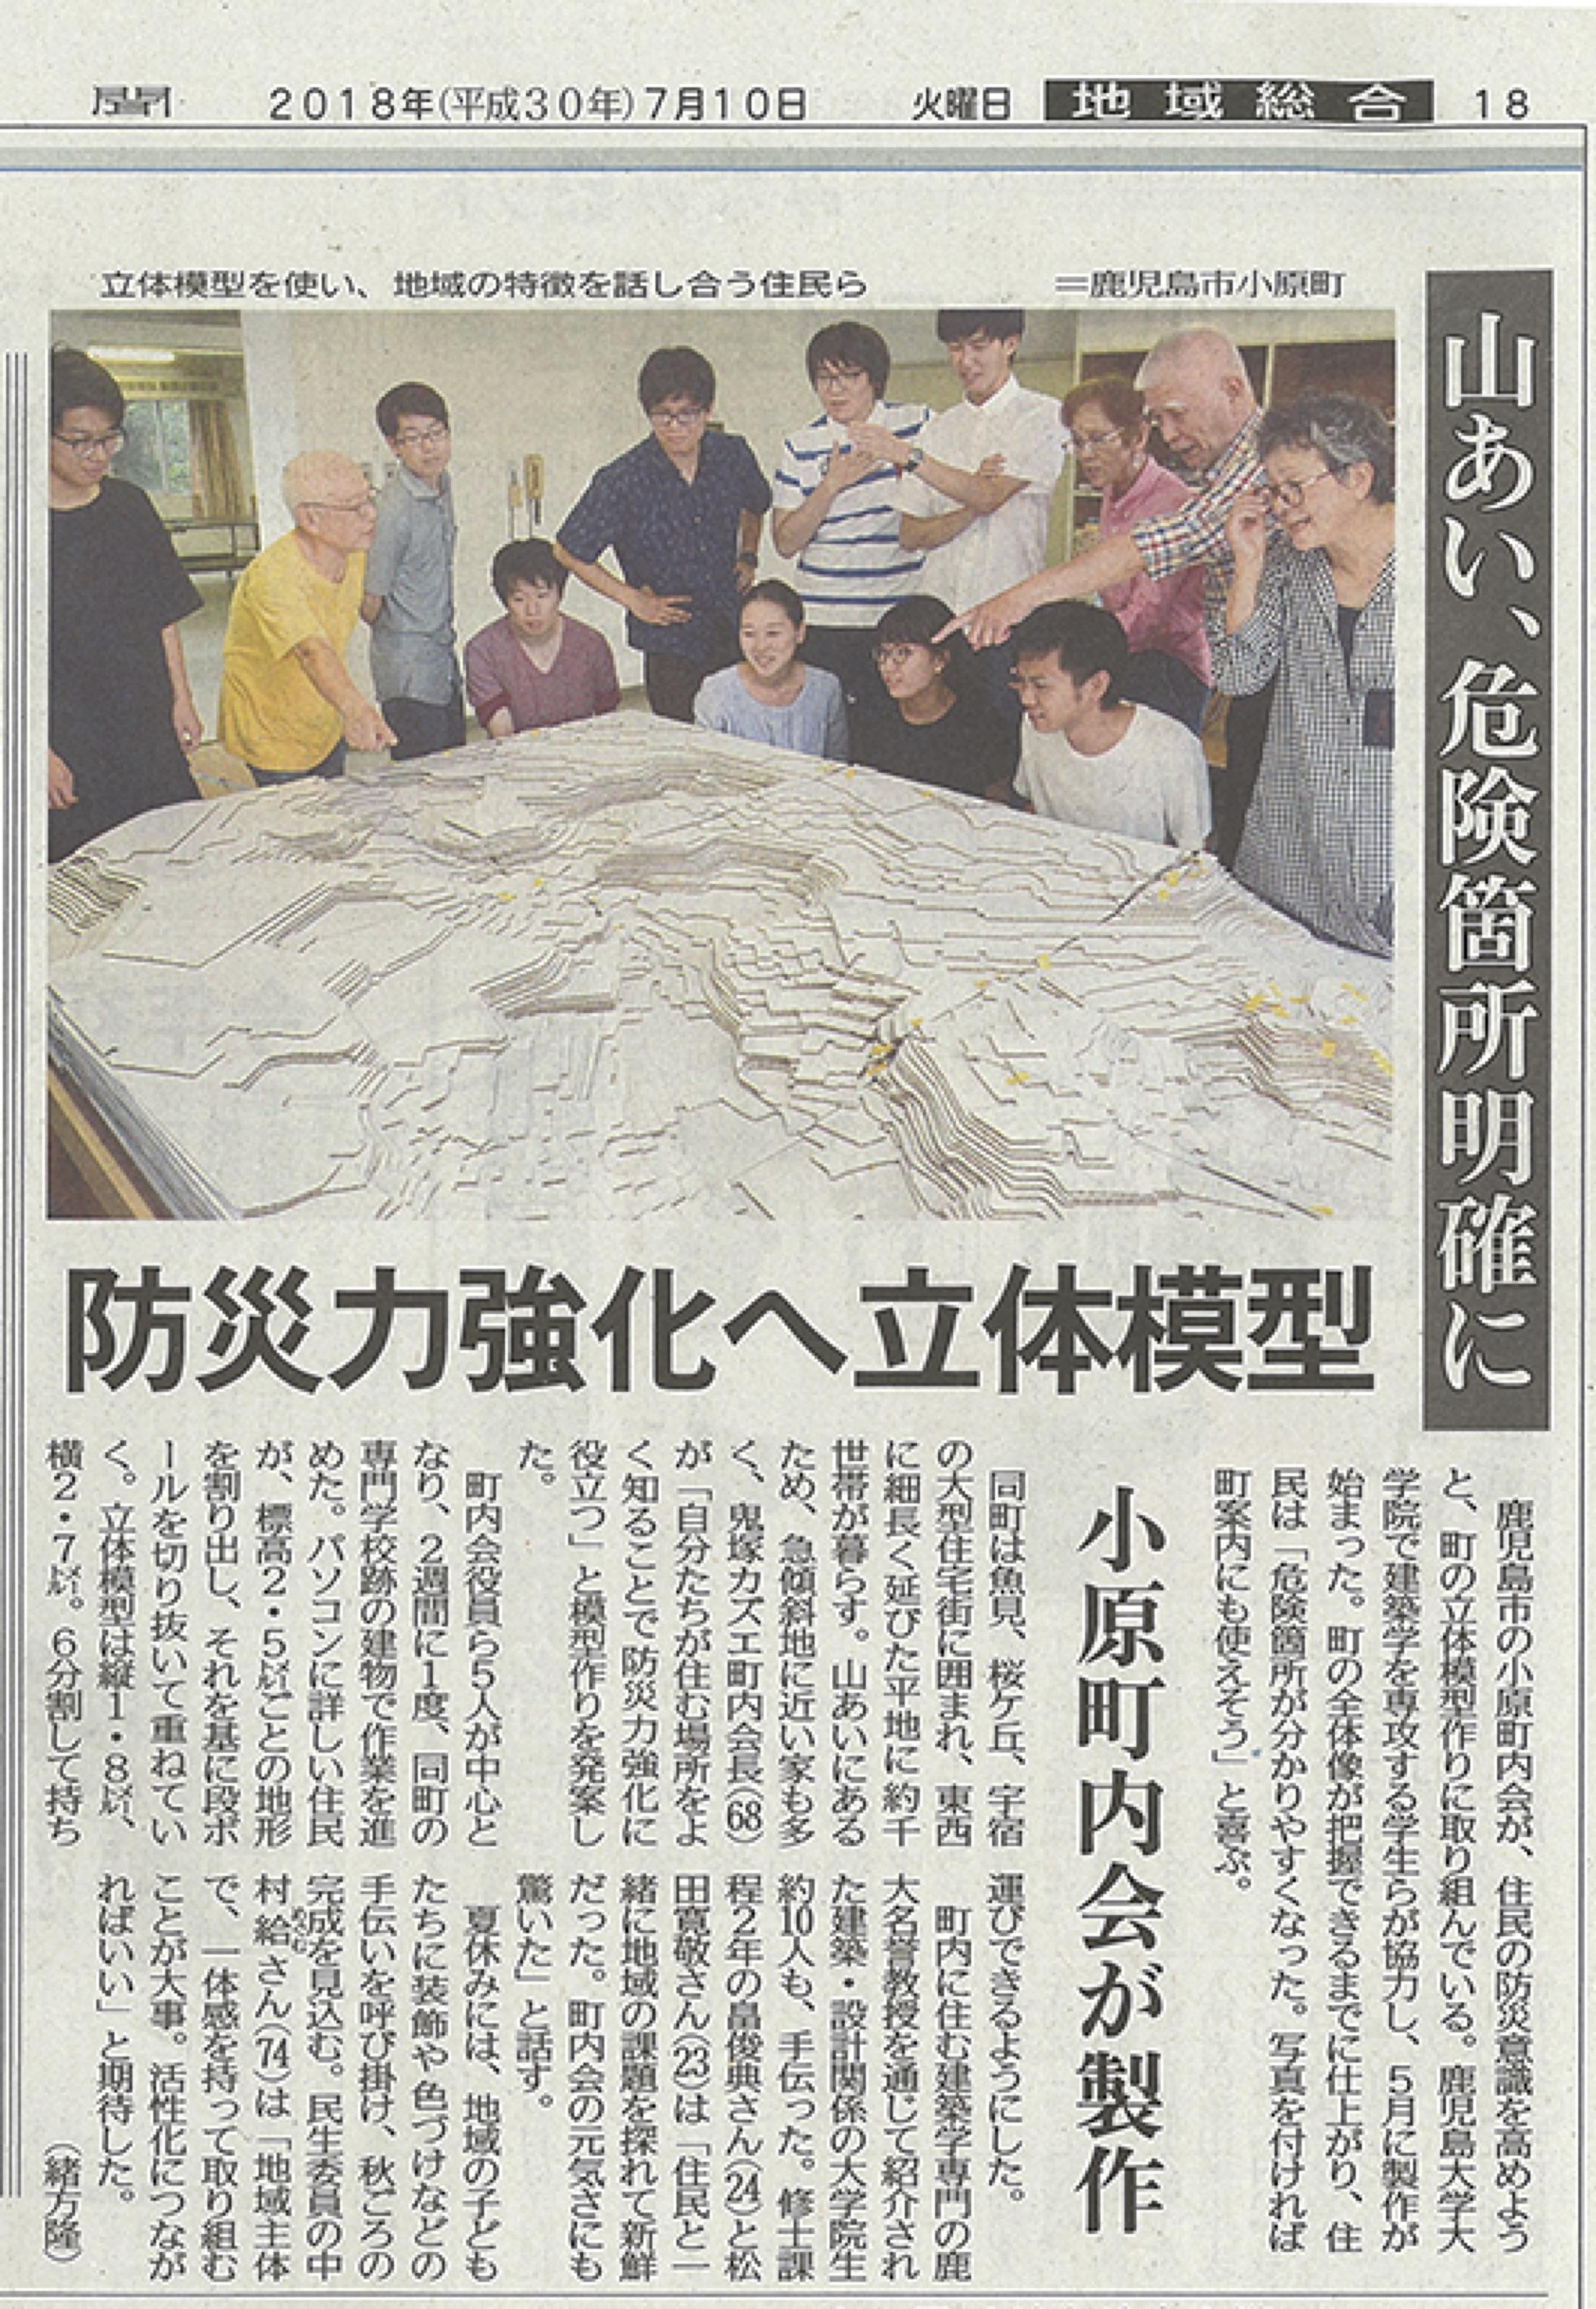 """鹿児島市小原町の町内会と共同で行っている""""街の立体模型作り""""が南日本新聞に掲載されました。"""